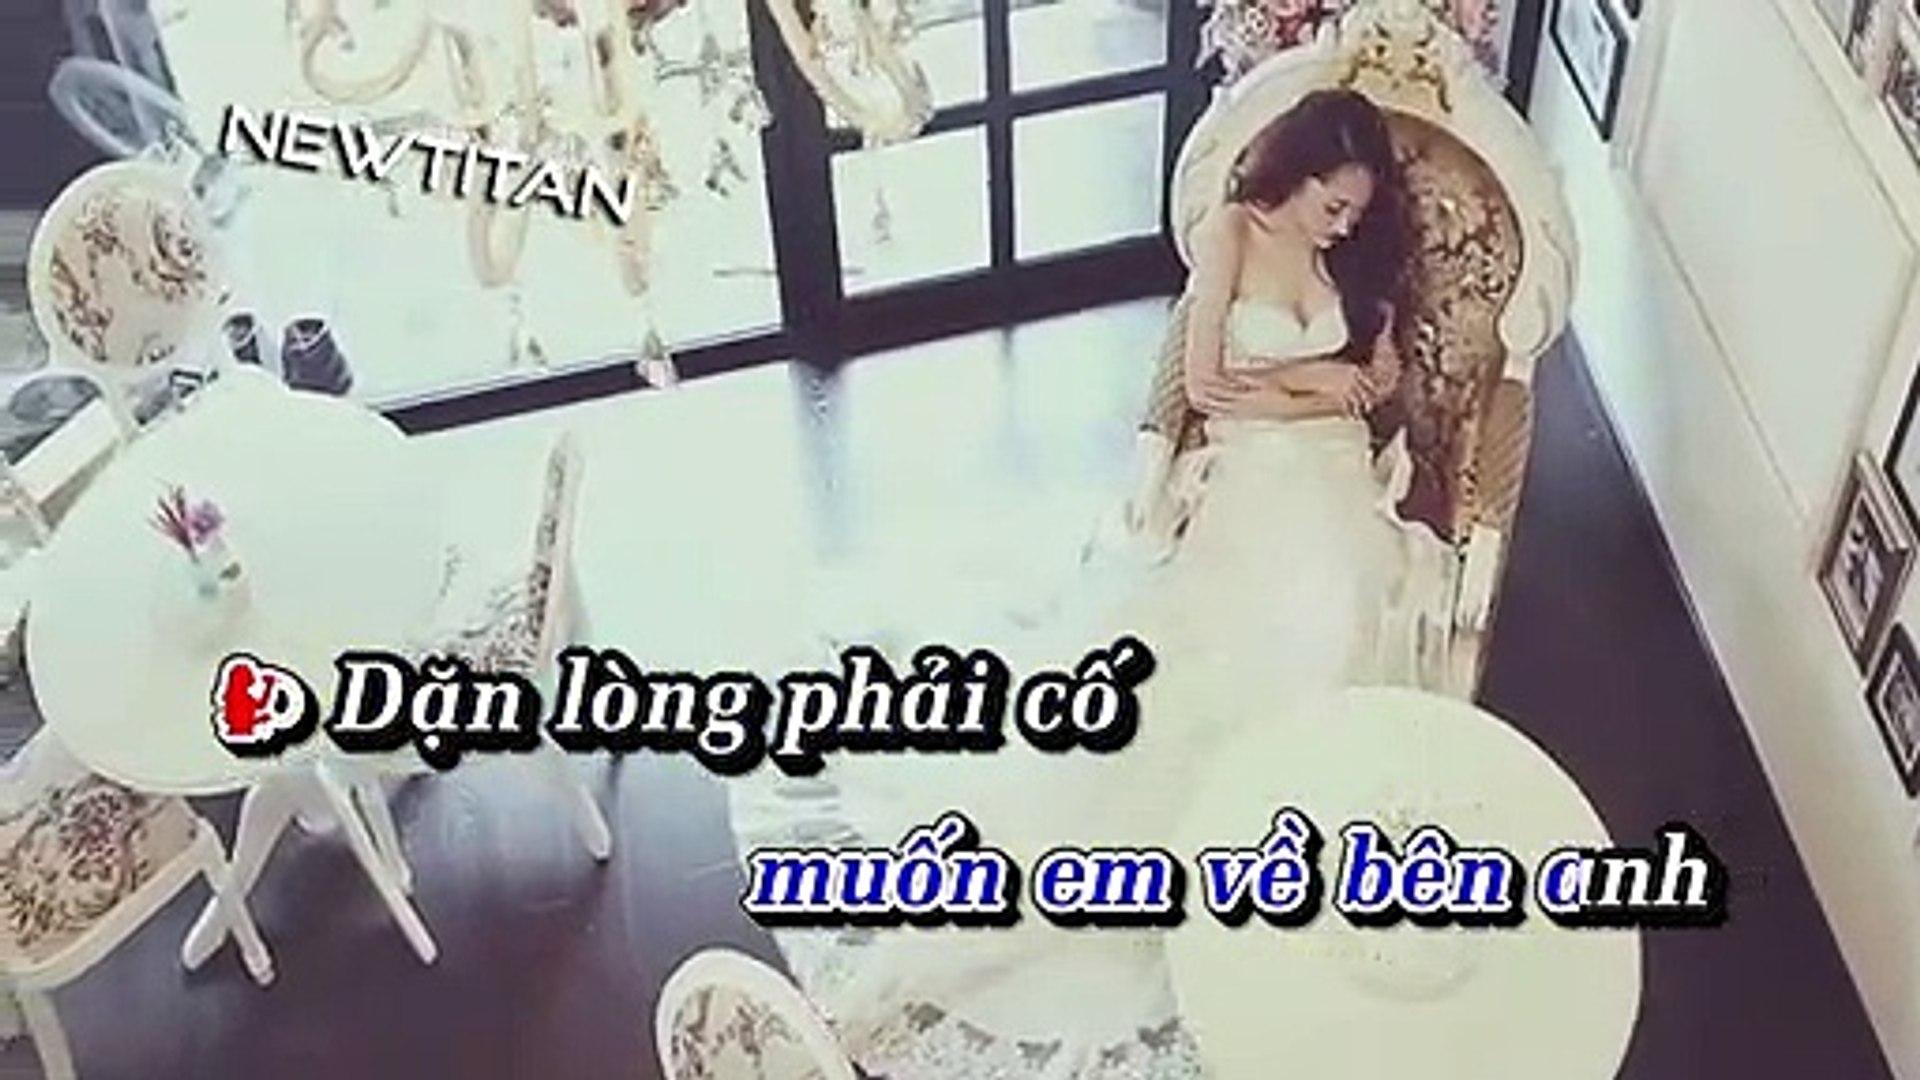 [Karaoke] Mình Yêu Nhau Bao Lâu - Bảo Anh Ft. Hoàng Tôn [Beat]